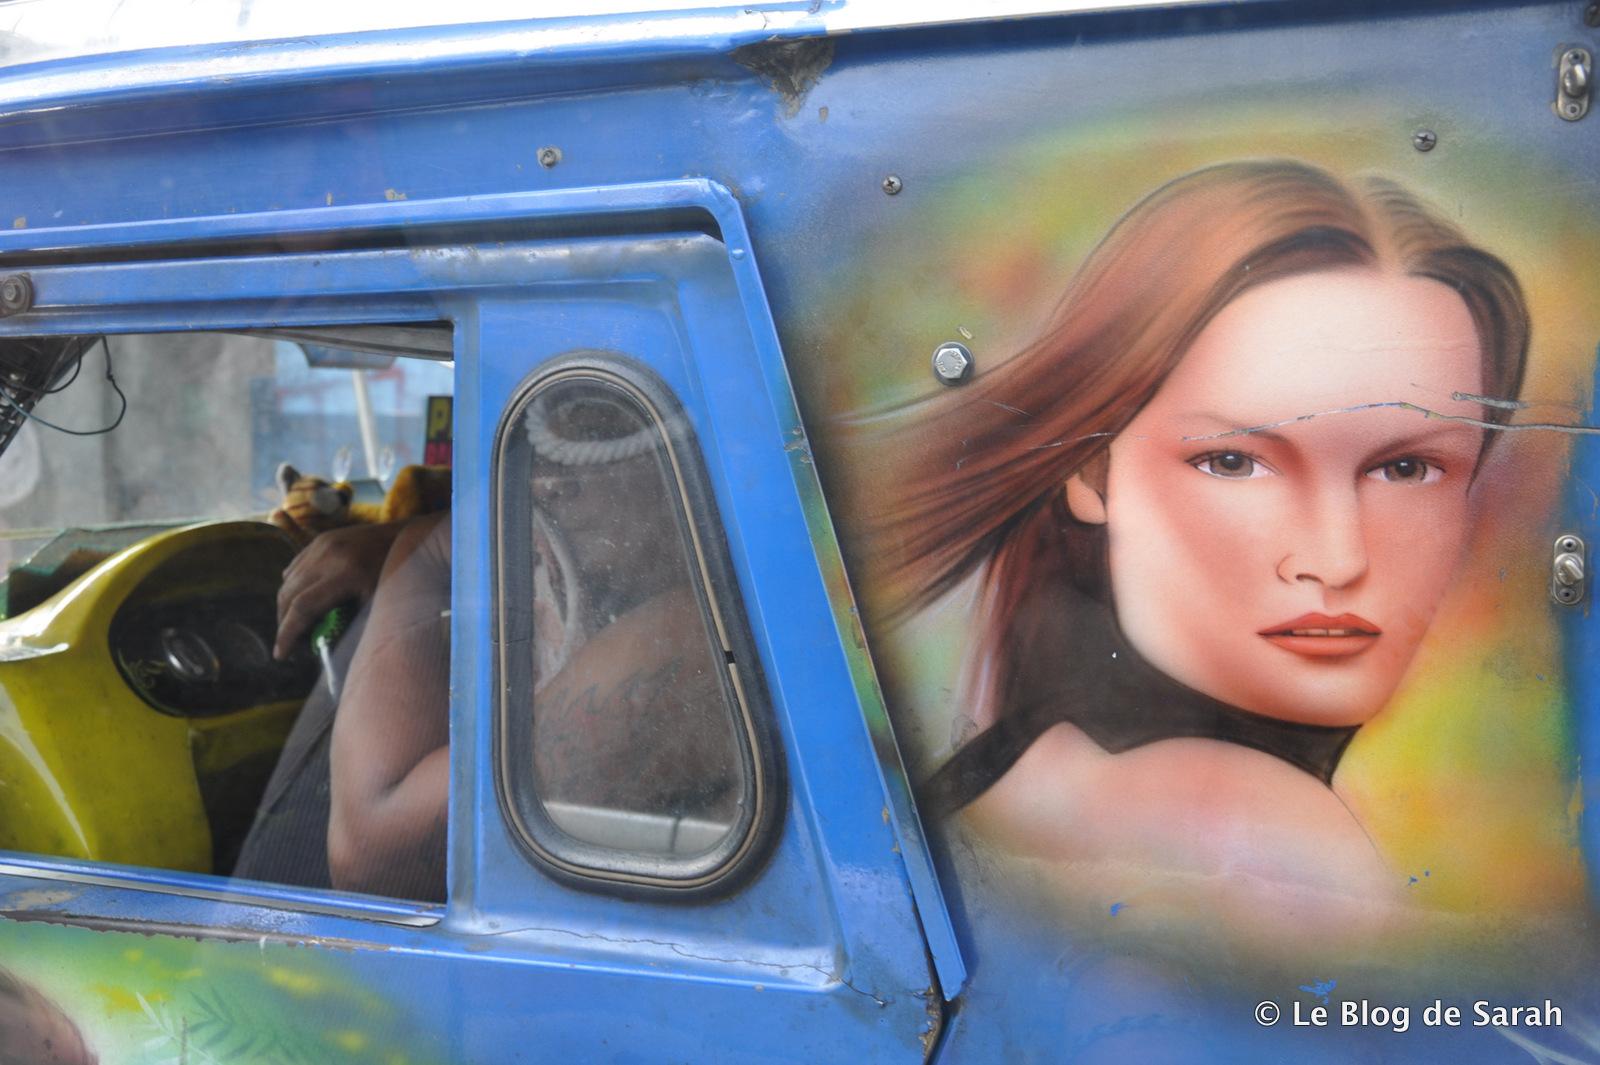 Le tuning devient du steet-art sur les jeepneys de Manille